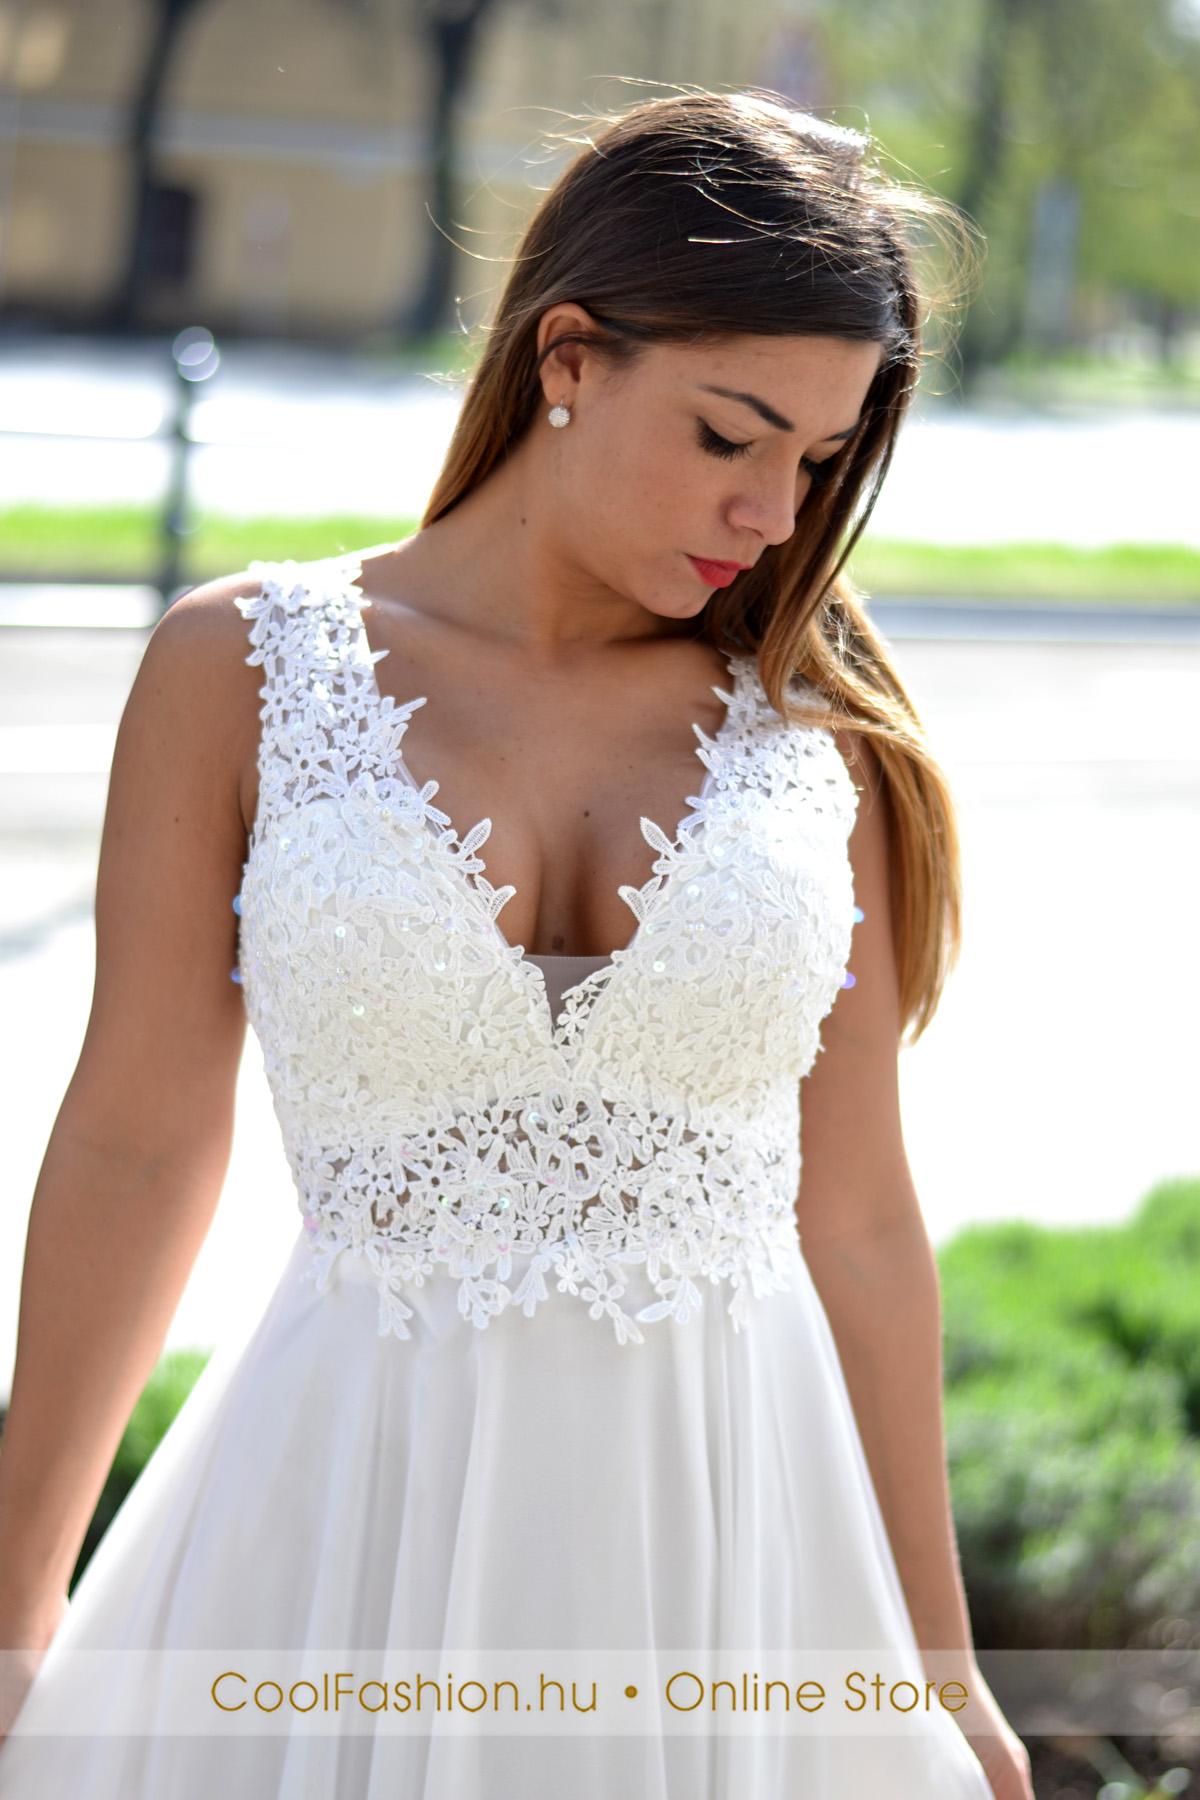 27f593d96e70 Csipkés flitteres fehér muszlin maxi ruha - Cool Fashion